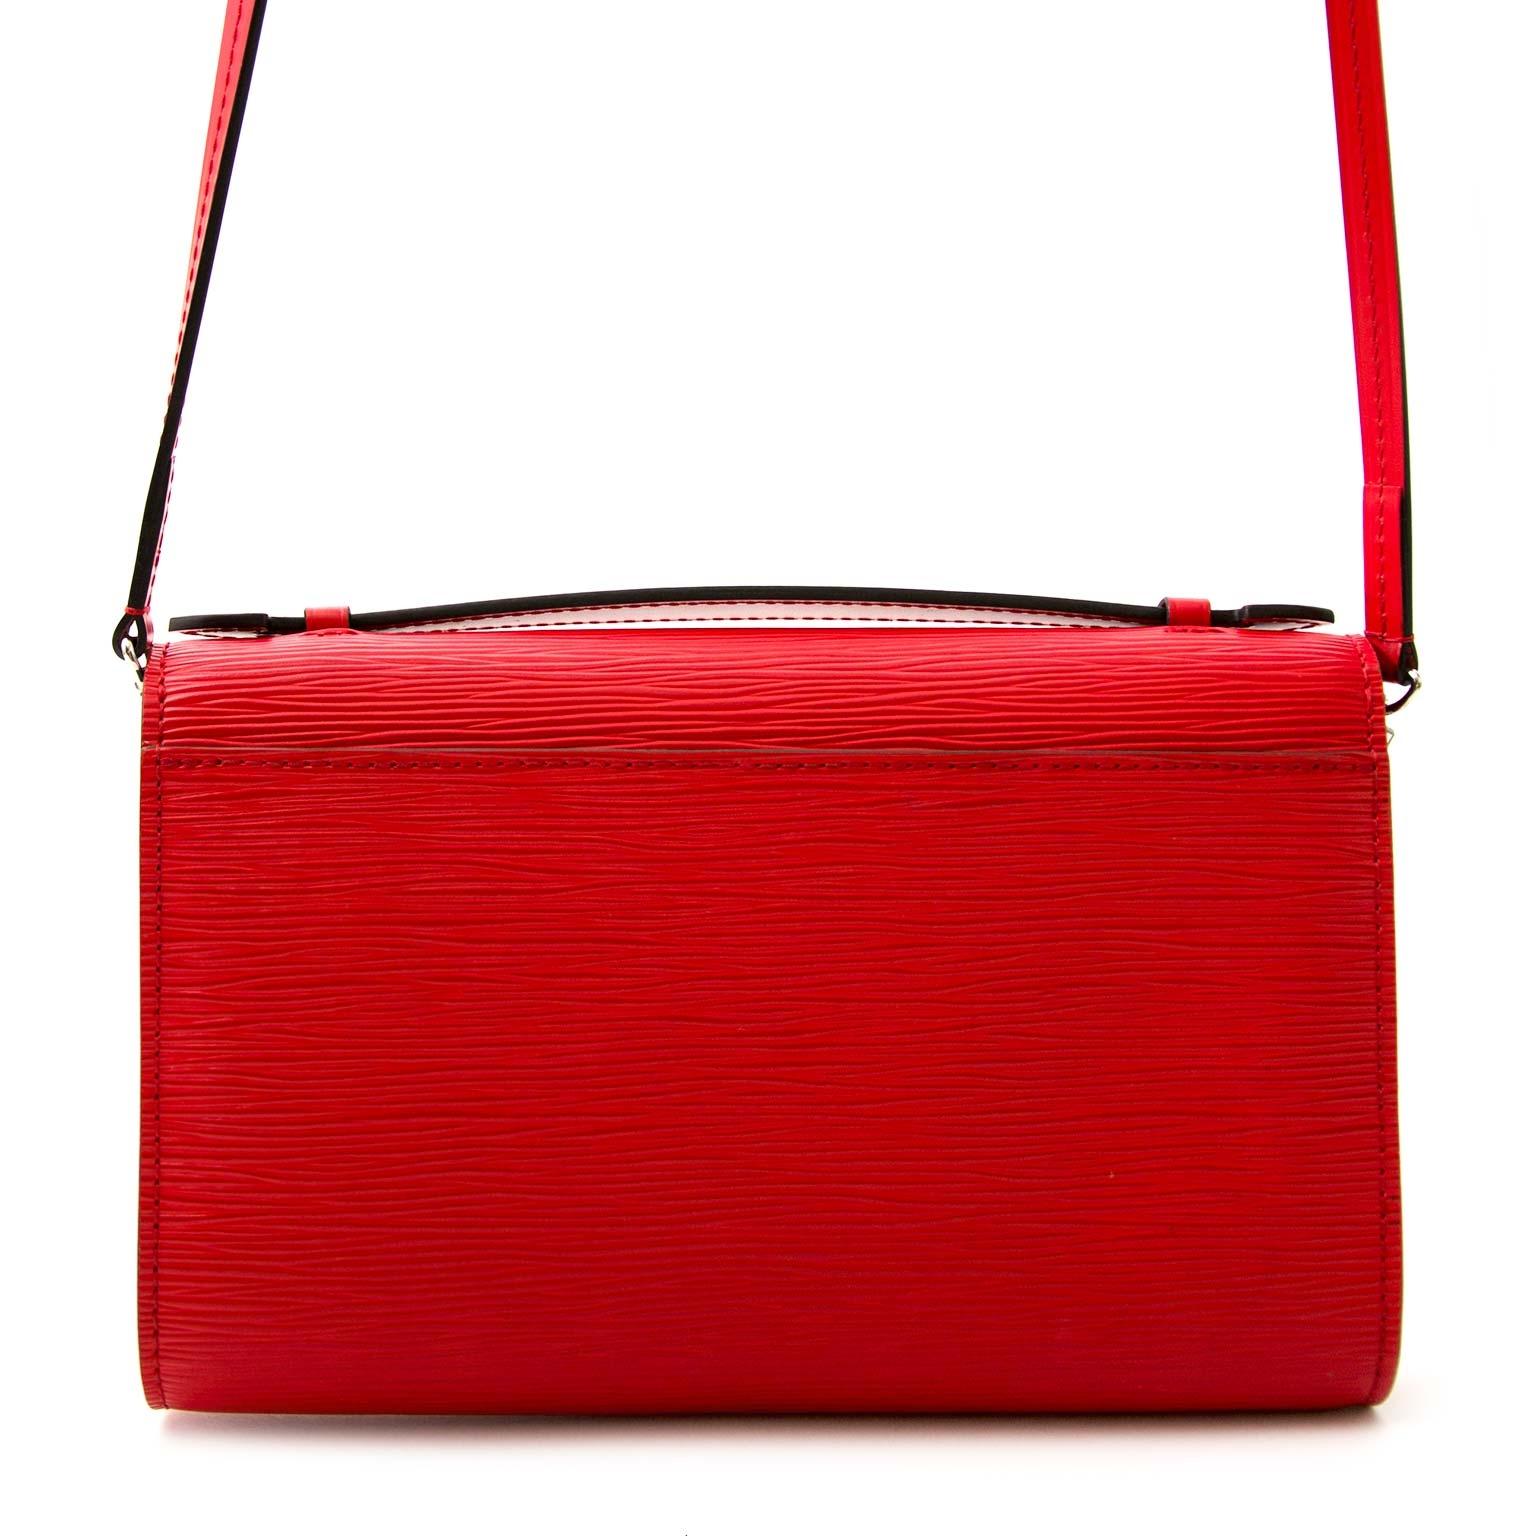 skip the waitinglist shop safe online secondhand Louis Vuitton Clery Epi Coquelicot + Strap + iPhone Case